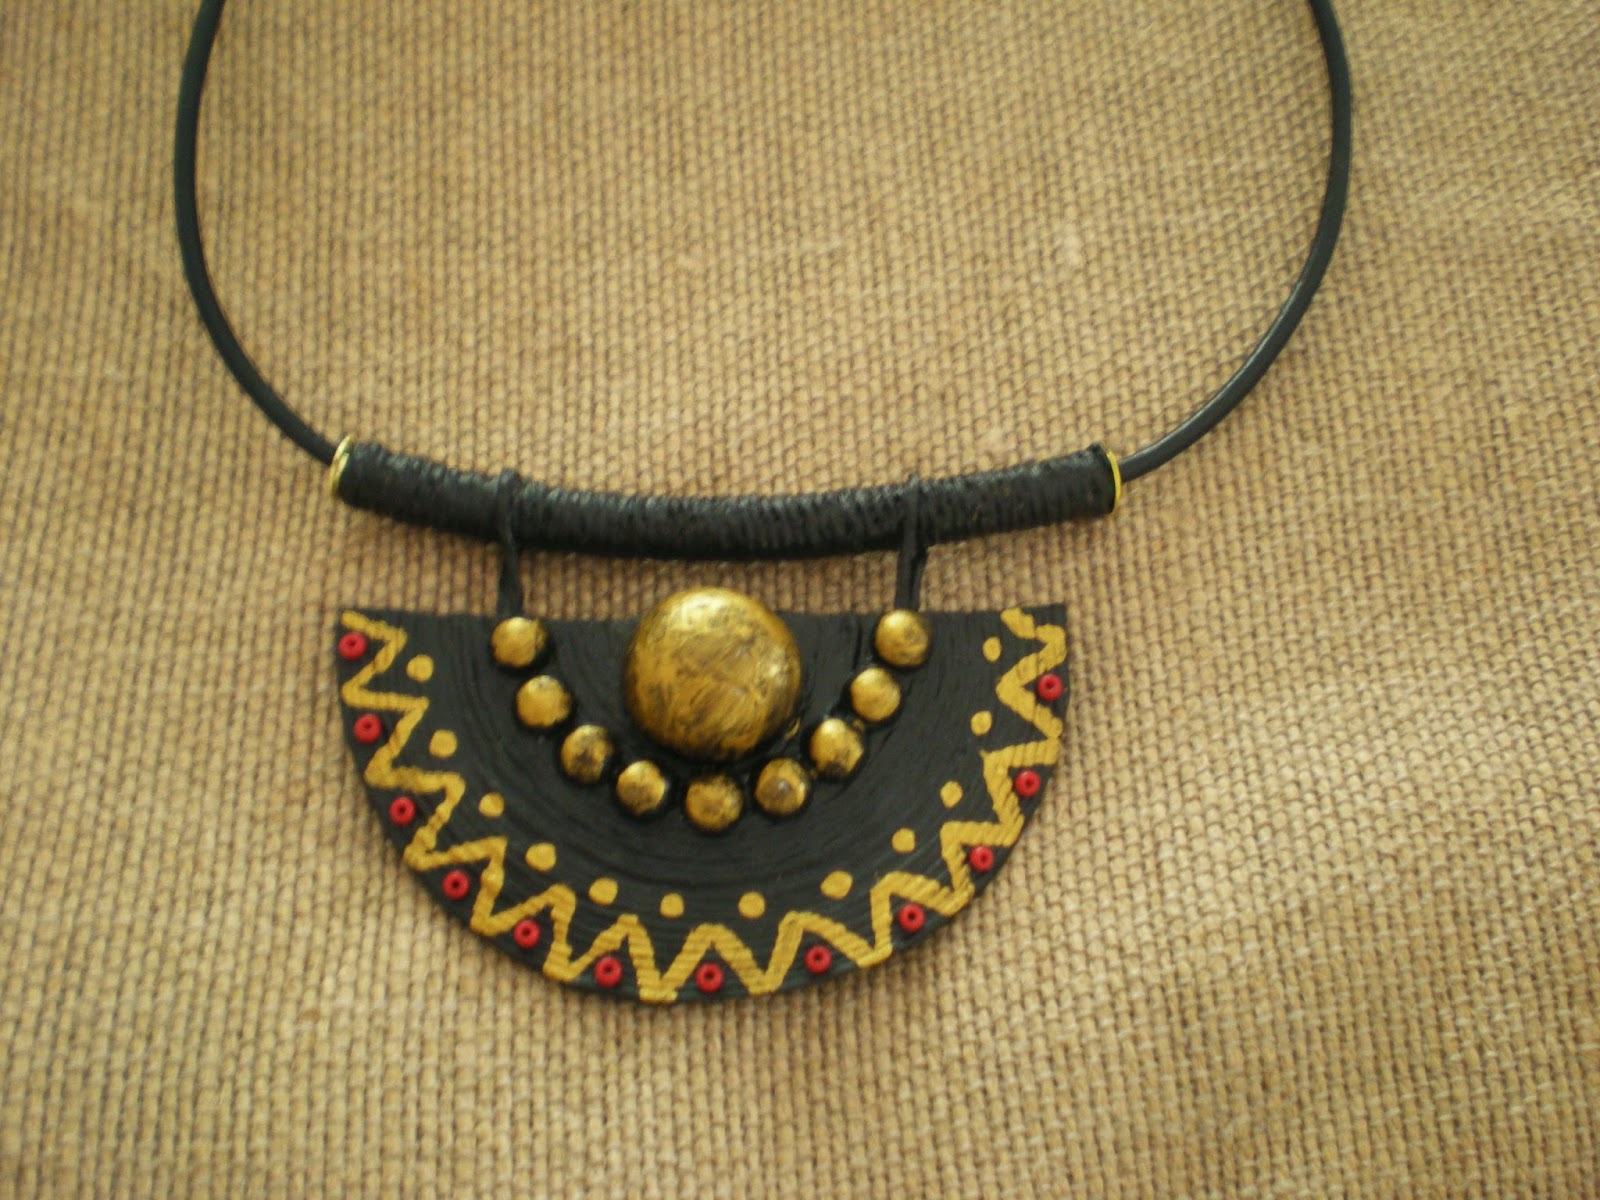 Aprovechando que también esta de moda he hecho este collar de un estilo más  etnico.Hecho y pintado a mano.